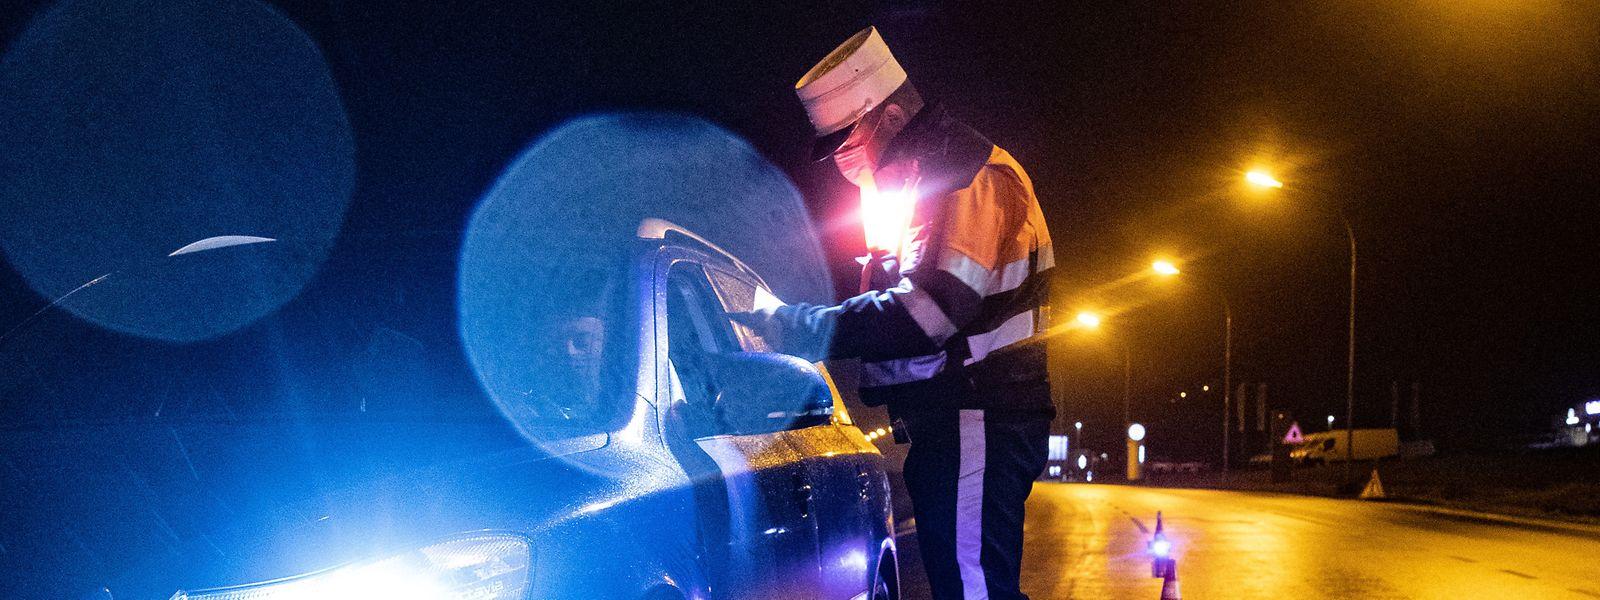 En ville ou sur les routes, chaque soir la police contrôle que nul ne circule sans motif valable.